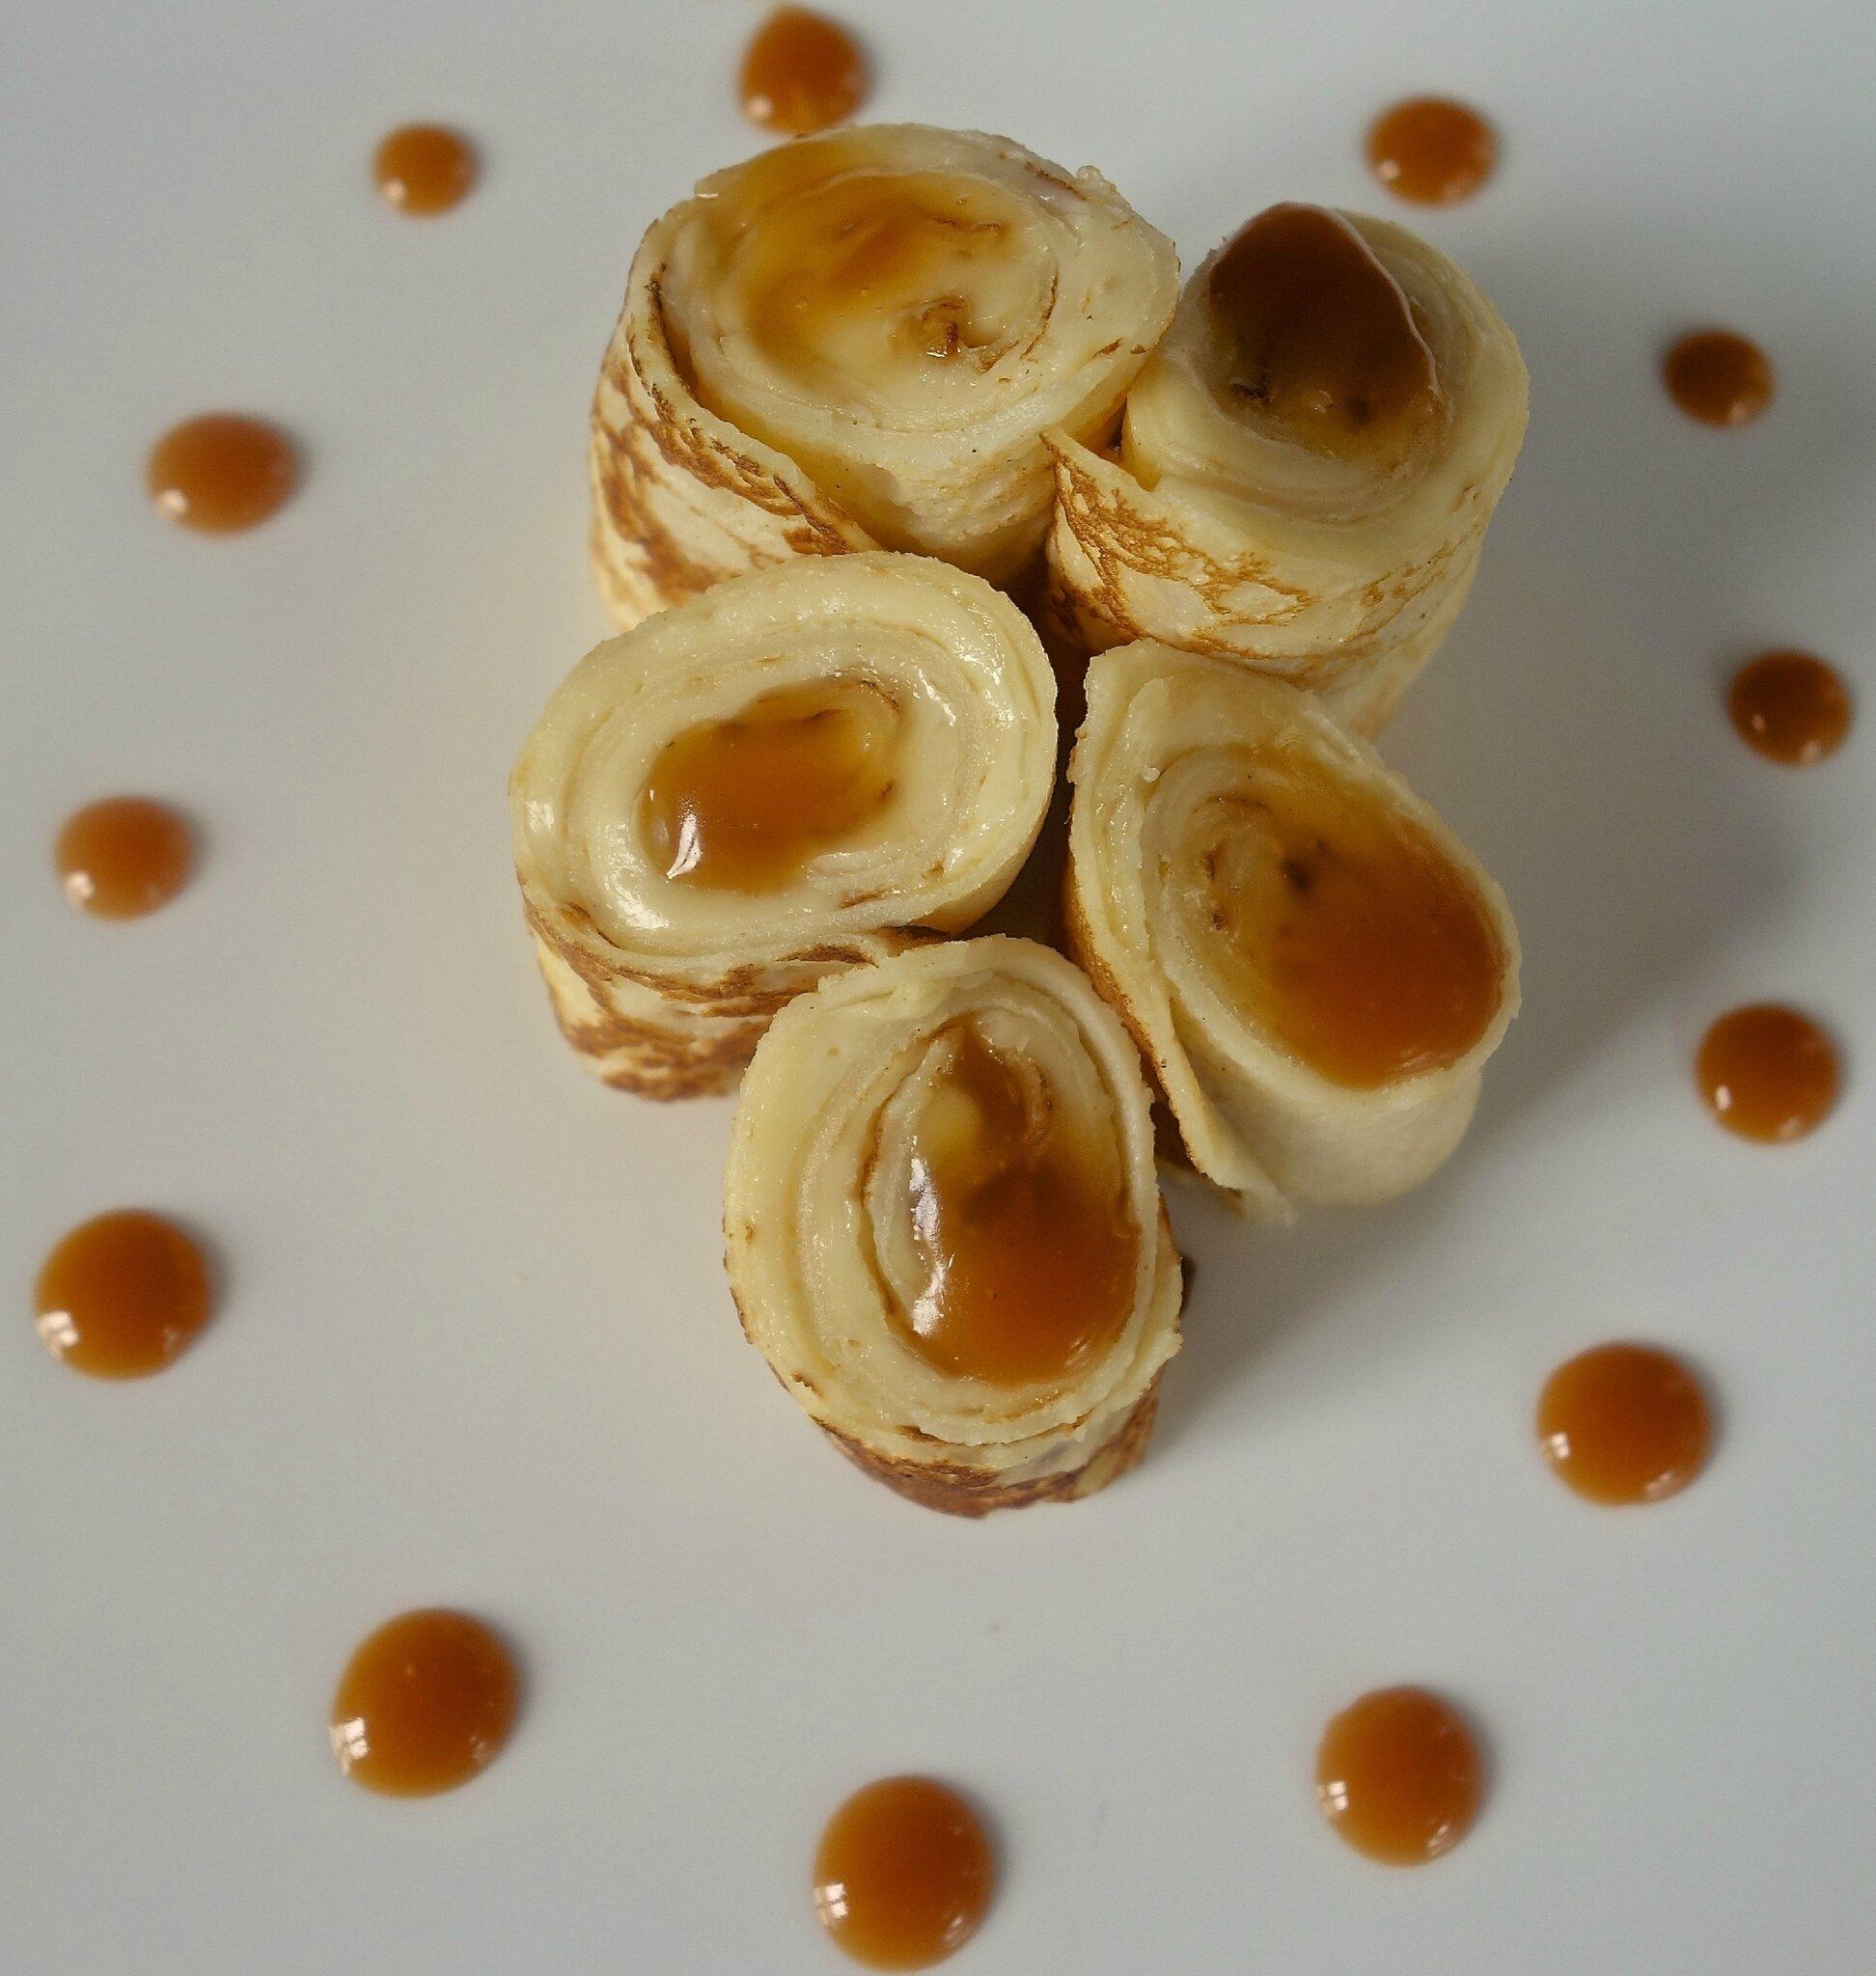 fontaine de crêpes à la tomme de Savoie sauce au caramel salé